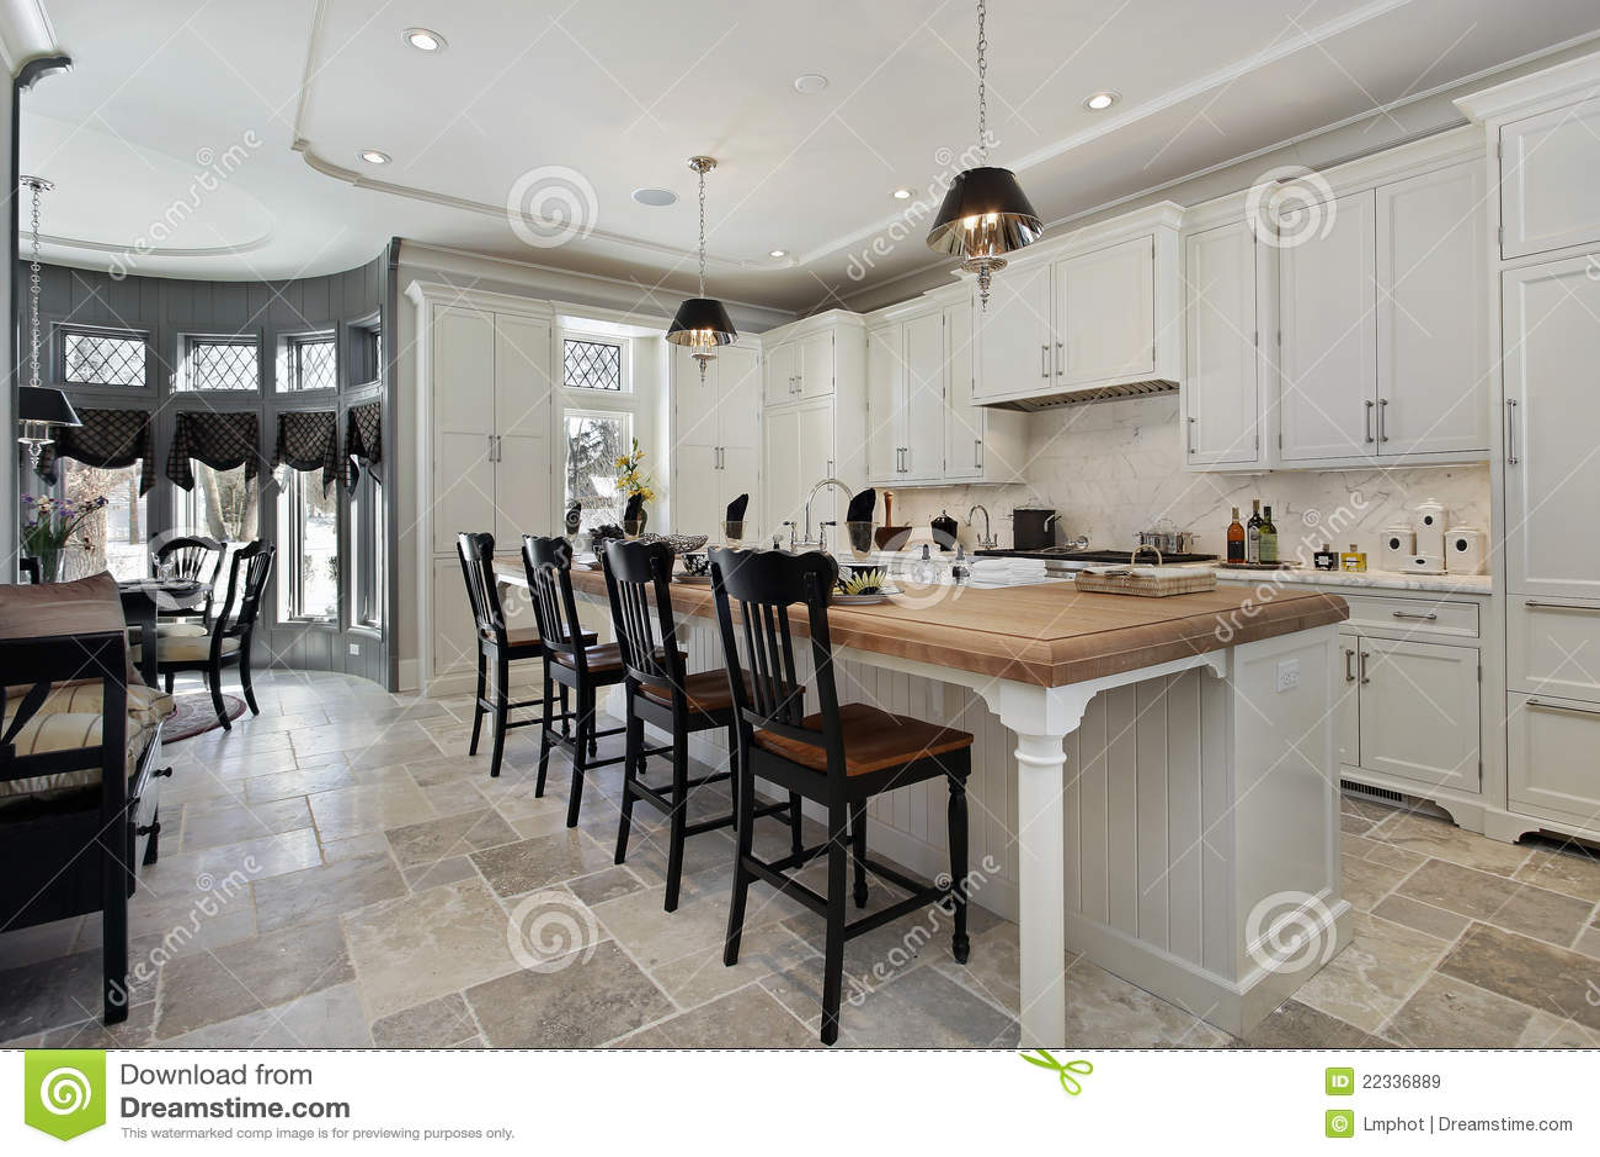 Cucina nella casa di lusso immagine stock. Immagine di ...